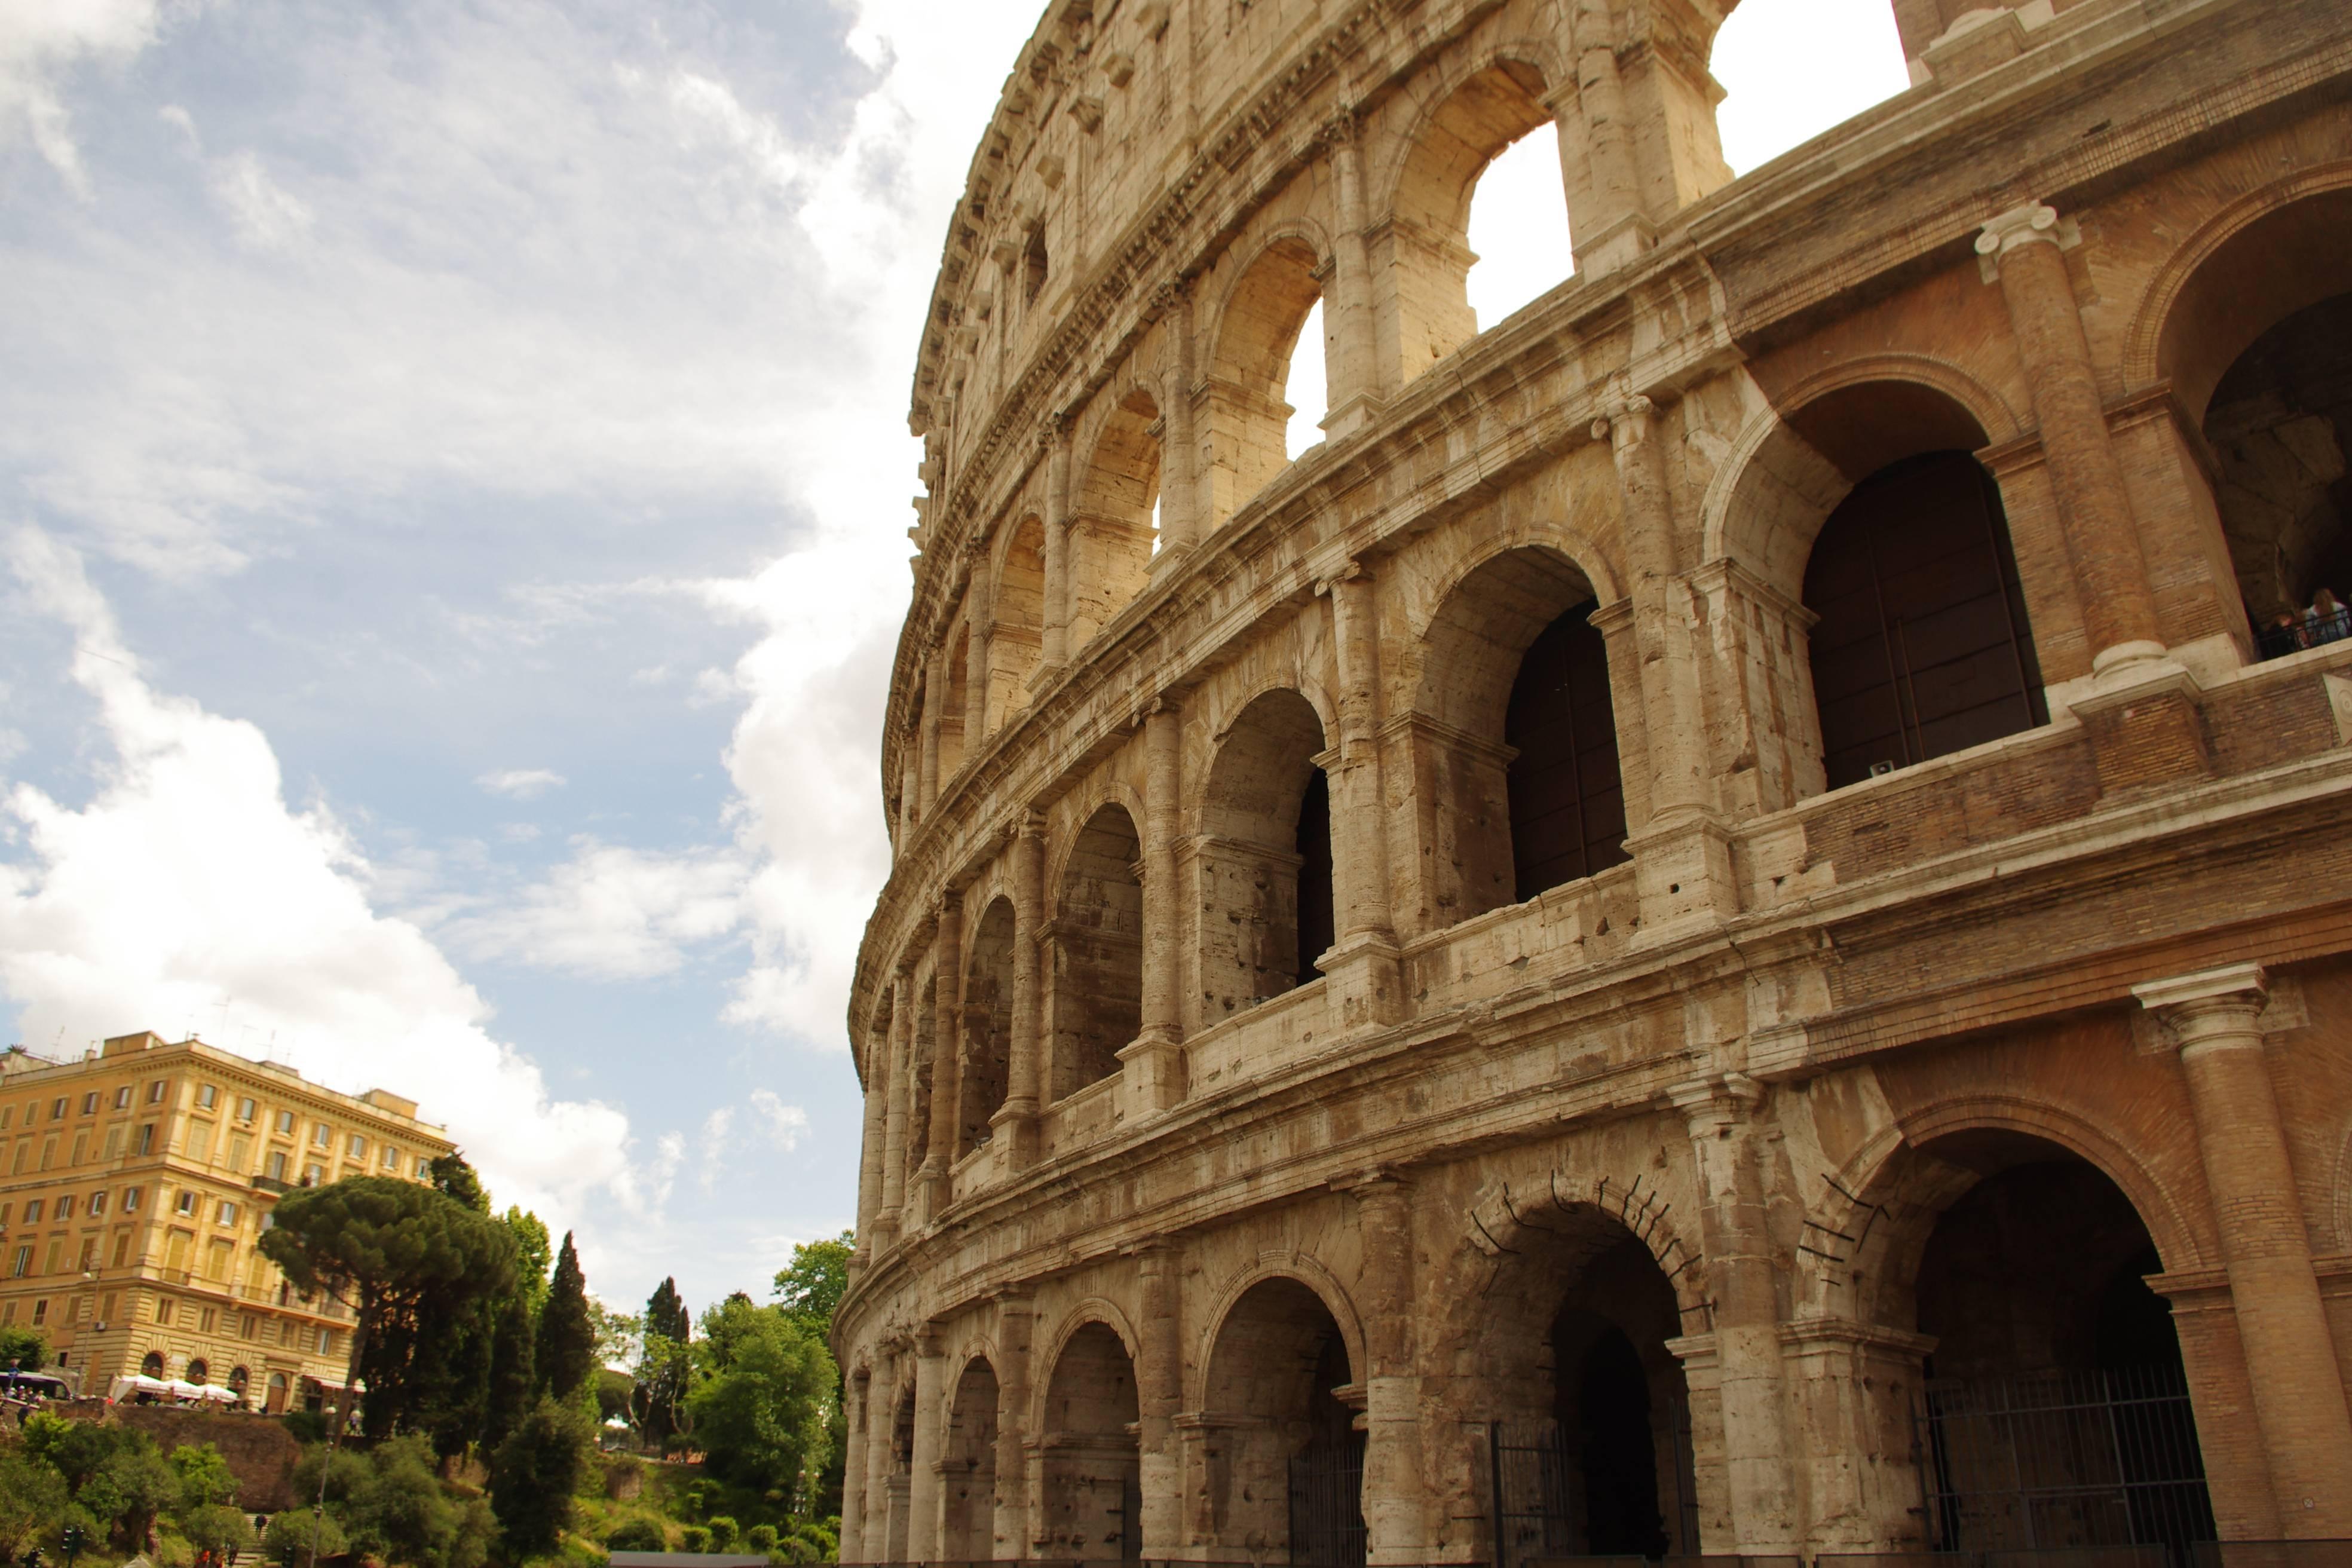 Photo 1: Le Colisée, un des symboles de Rome